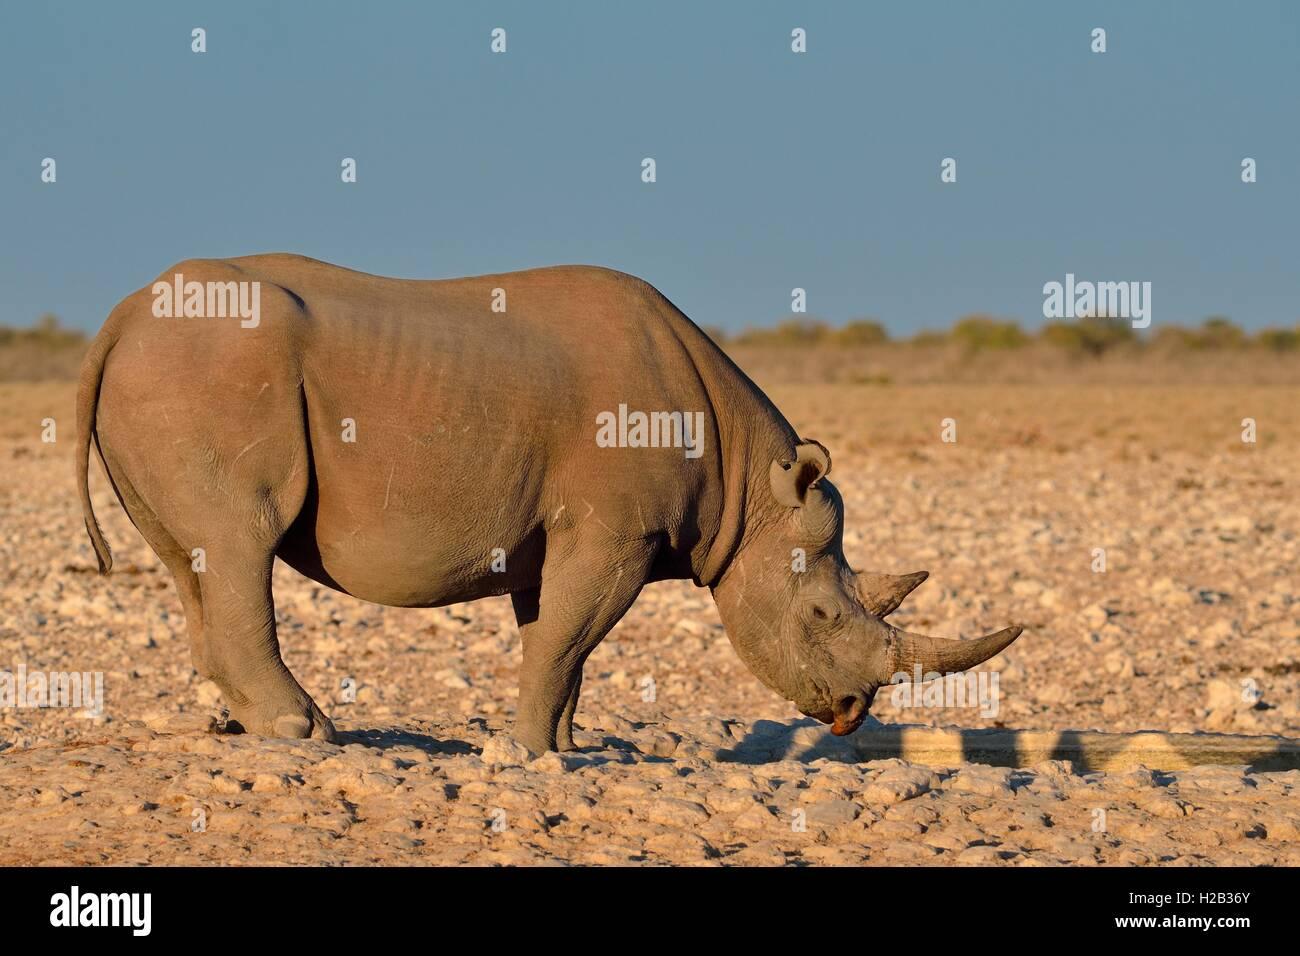 Le rhinocéros noir (Diceros bicornis), avec l'oreille droite déchirée, au point d'eau potable Photo Stock